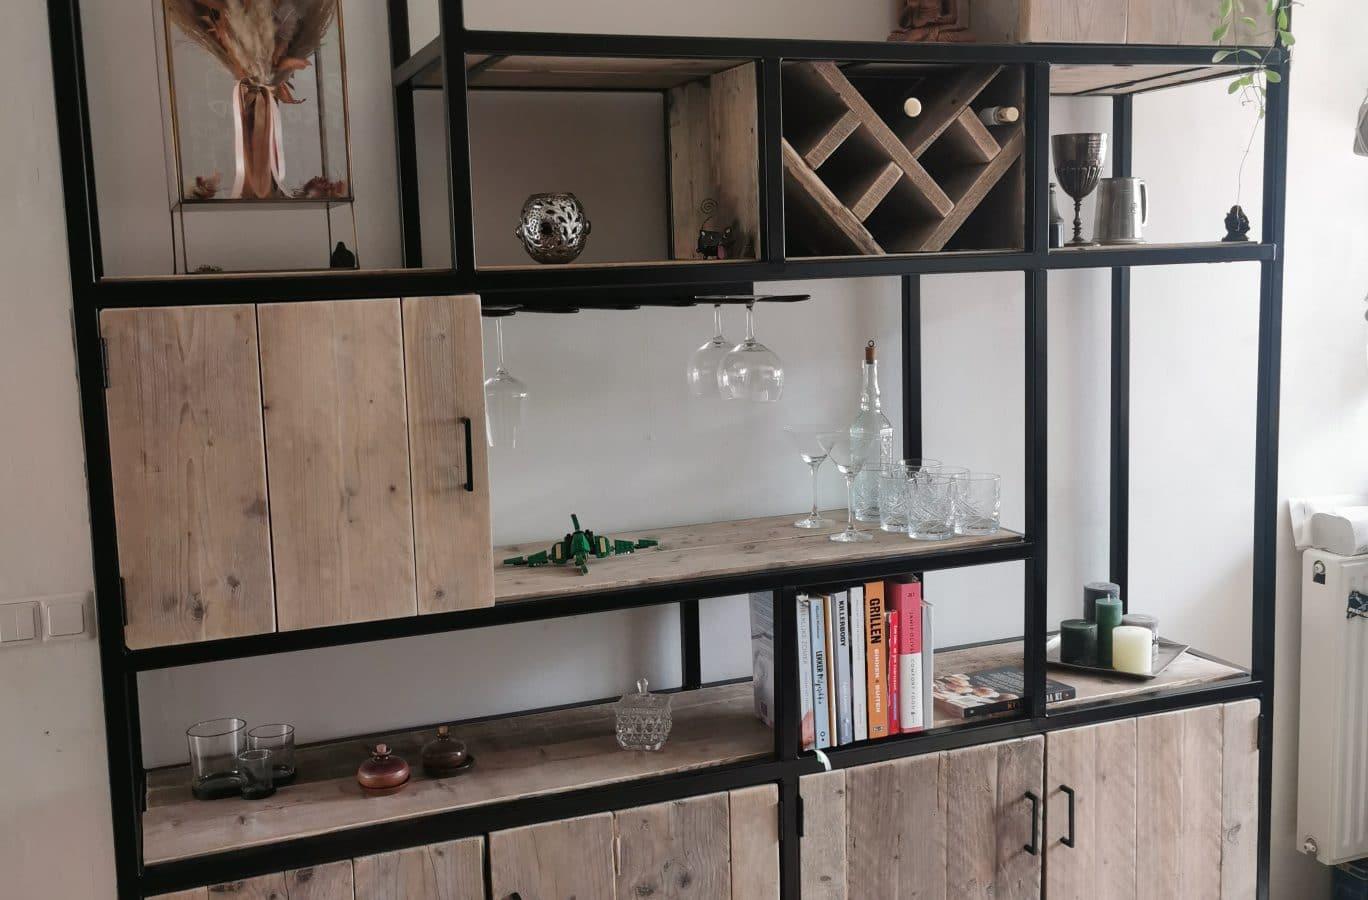 Aangeklede vakkenkast gemaakt van hout en staal. Met ruimte om wijnglazen en wijnflessen in op te bergen.